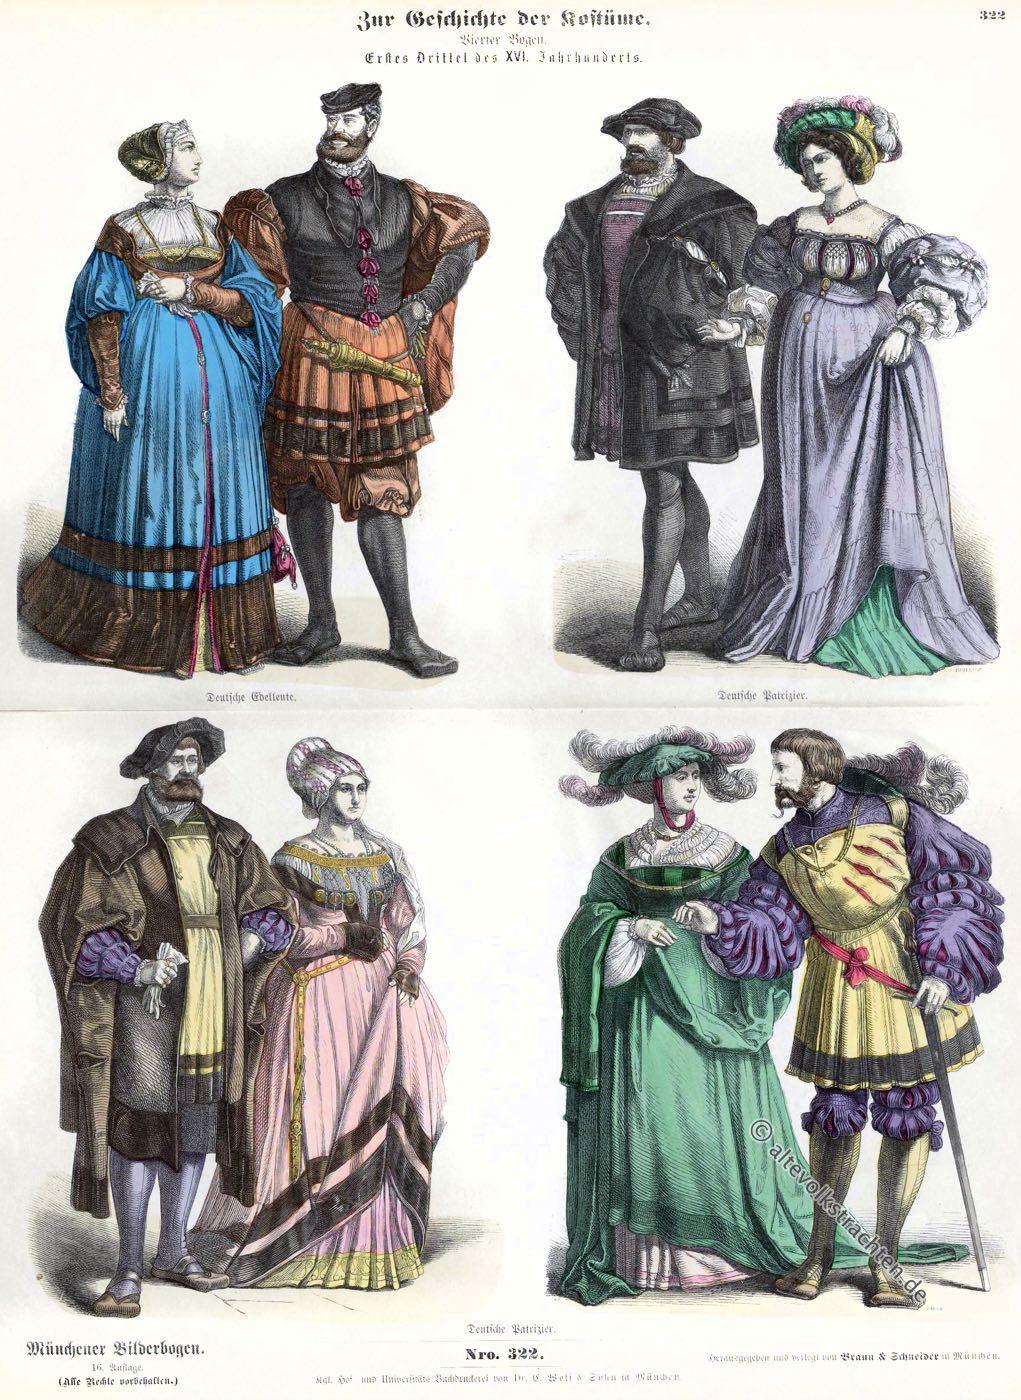 Münchener Bilderbogen, Edelleute, Patrizier, Patrizierin, Renaissance, Kostümepoche,